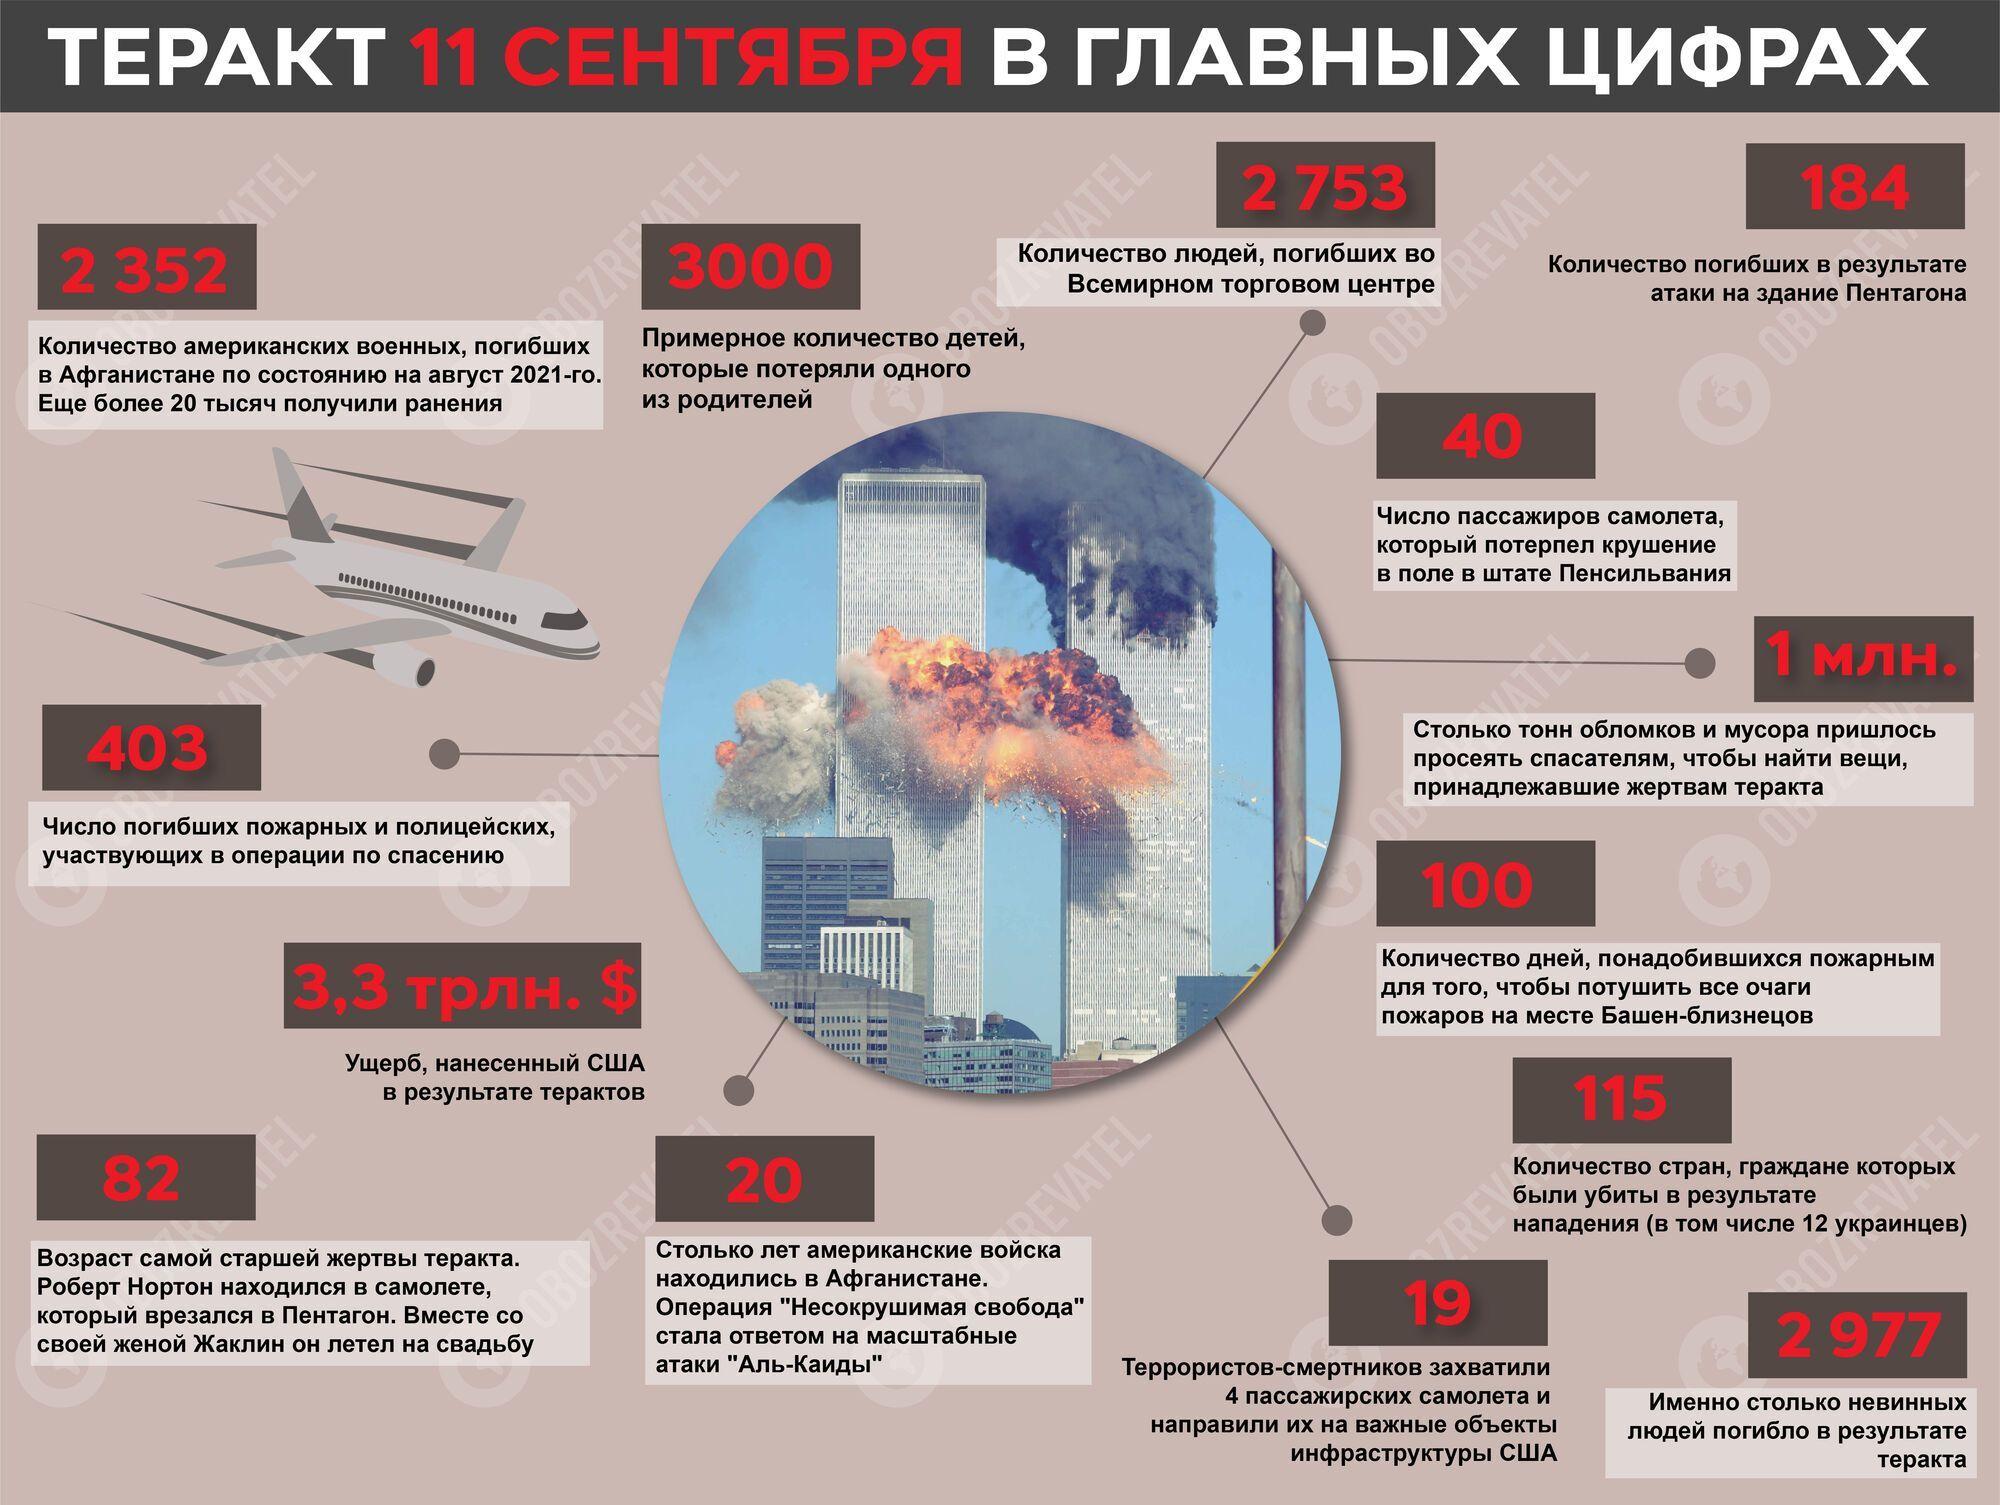 Данные о терактах 11 сентября